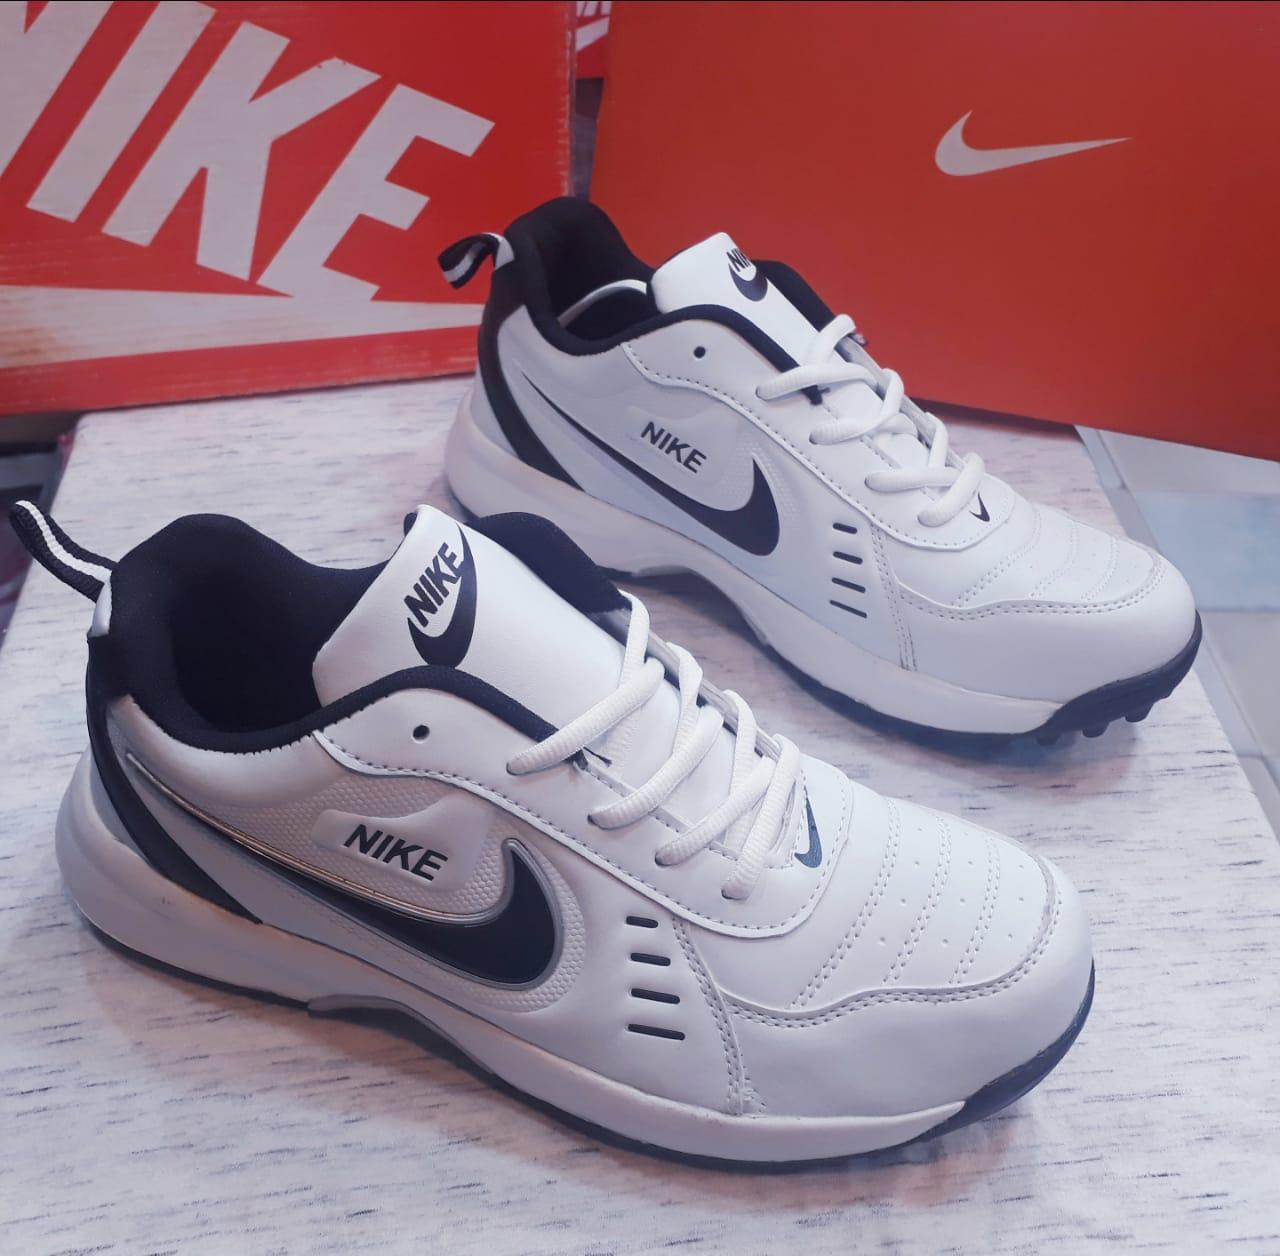 218e90649 Buy Men Sports Shoes Online   Best Price in Pakistan - Daraz.pk